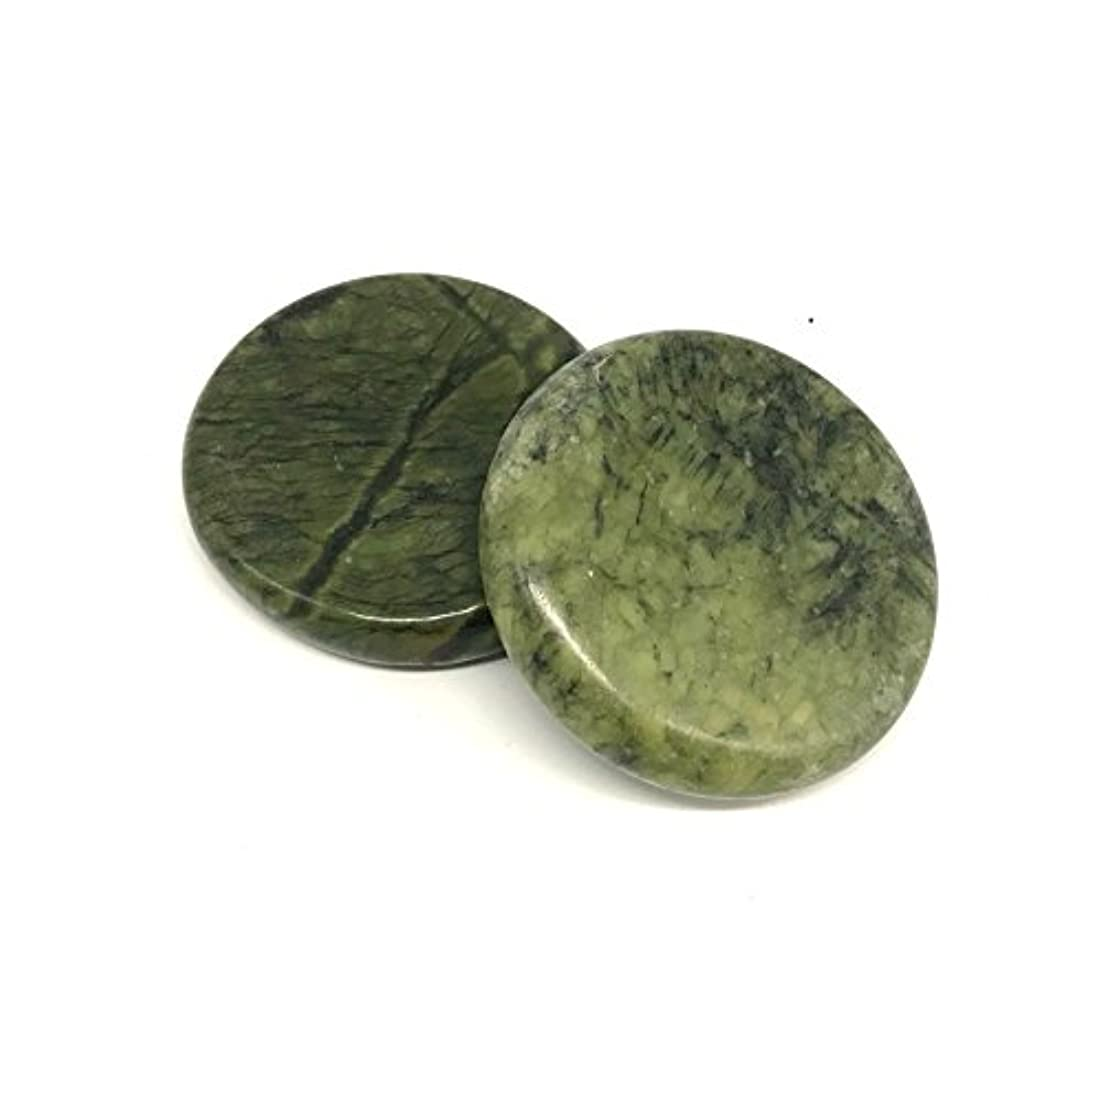 通りベルト均等にオリーブ玉翡翠ホットストン 足つぼ?手のひら かっさ Natural Green Jade Stone hot stone for body massage Spa massage tools (L 2 点PCS) (3.14...